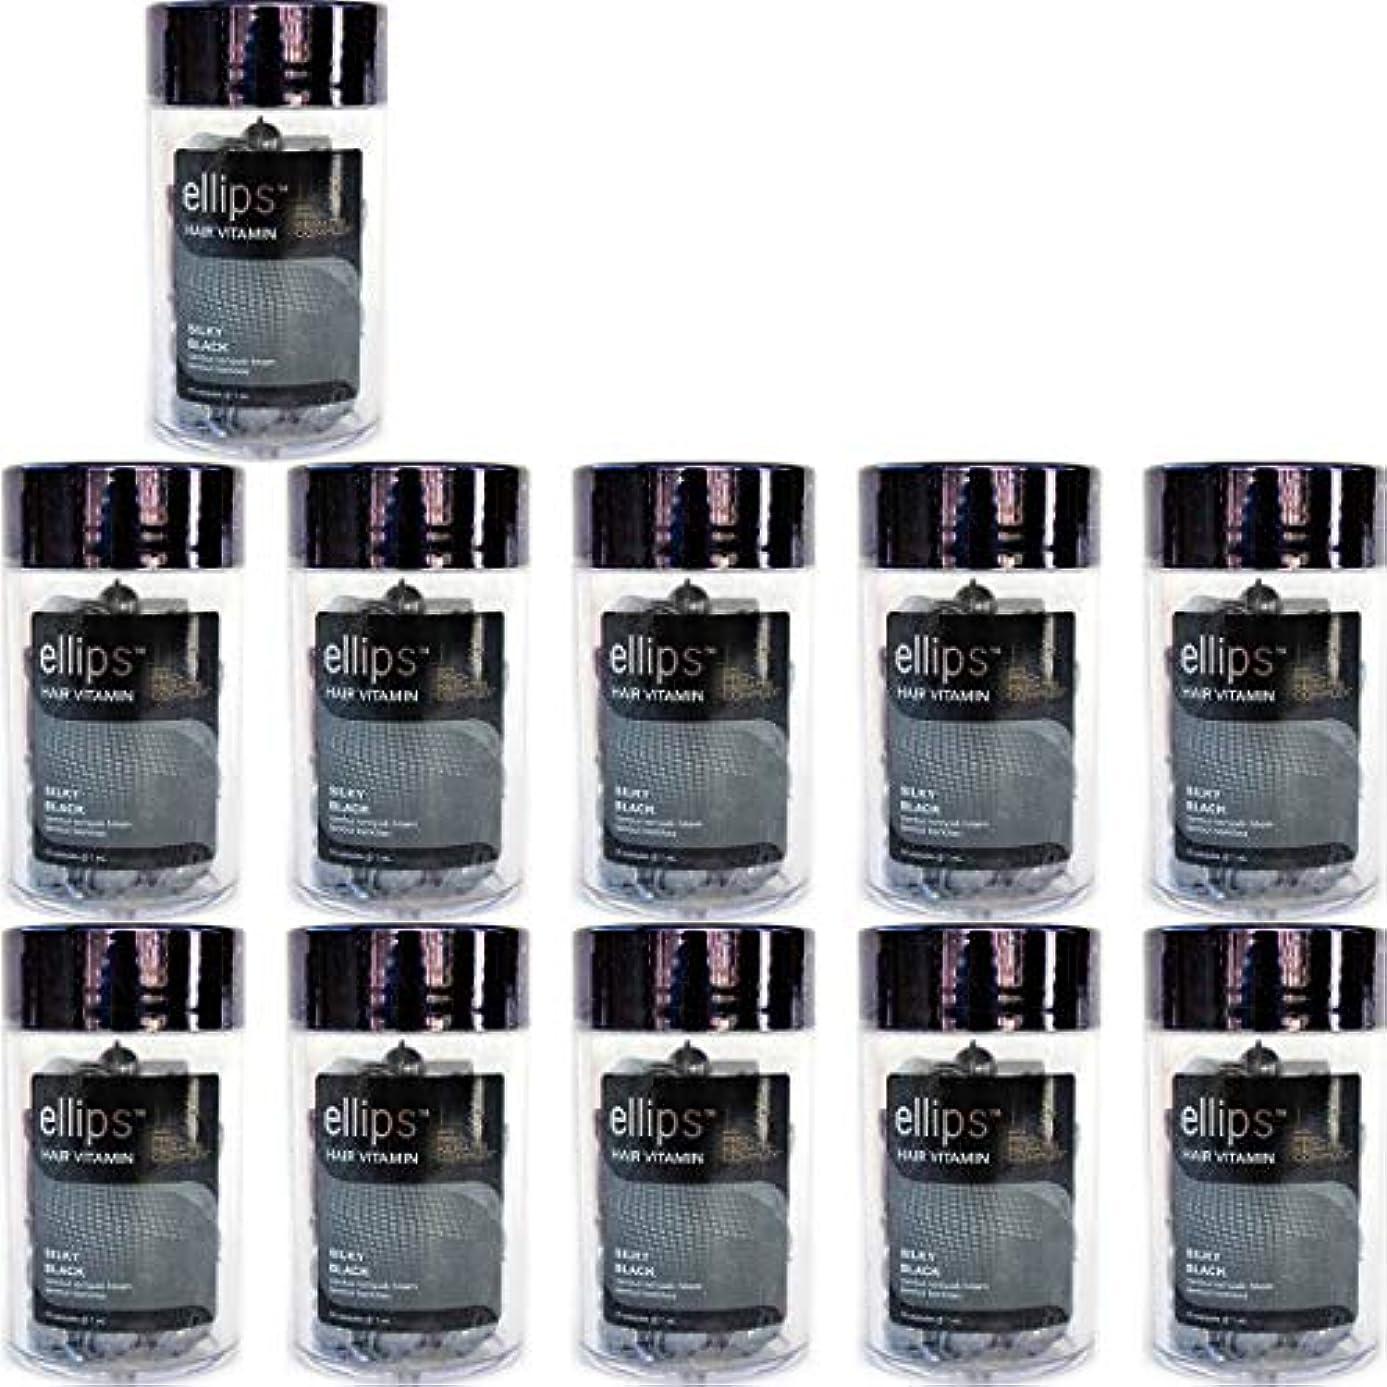 シネマフォーマット休みellips エリプス ヘアビタミン ヘアオイル エリップス トリートメント プロケラチンシリーズ 50粒入ボトル ブラック 11個セット [海外直送品]